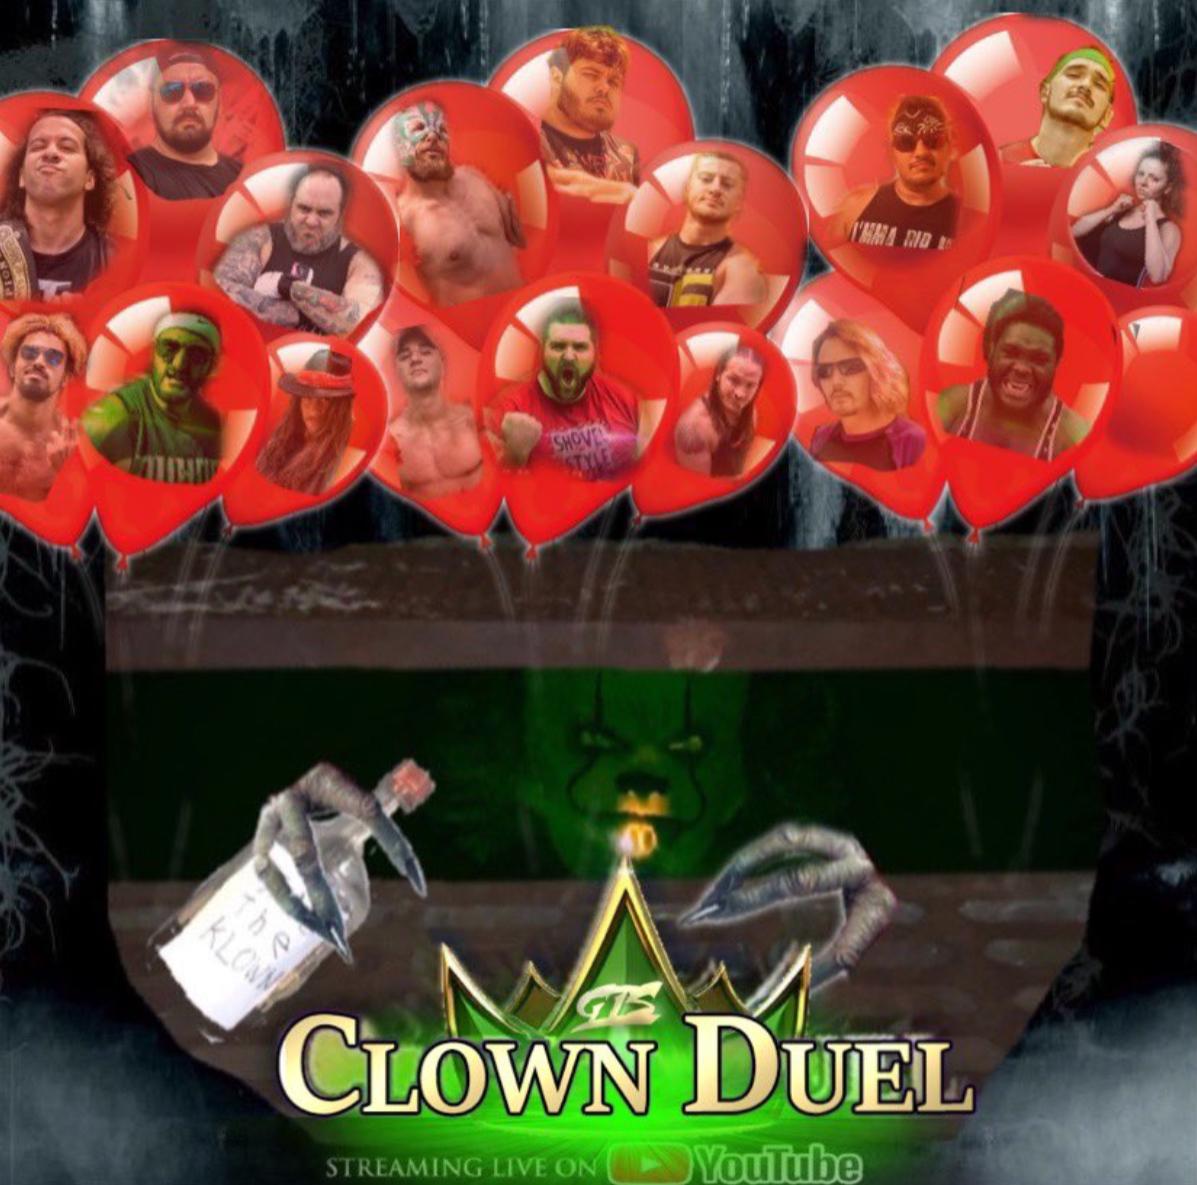 Clown Duel 2019